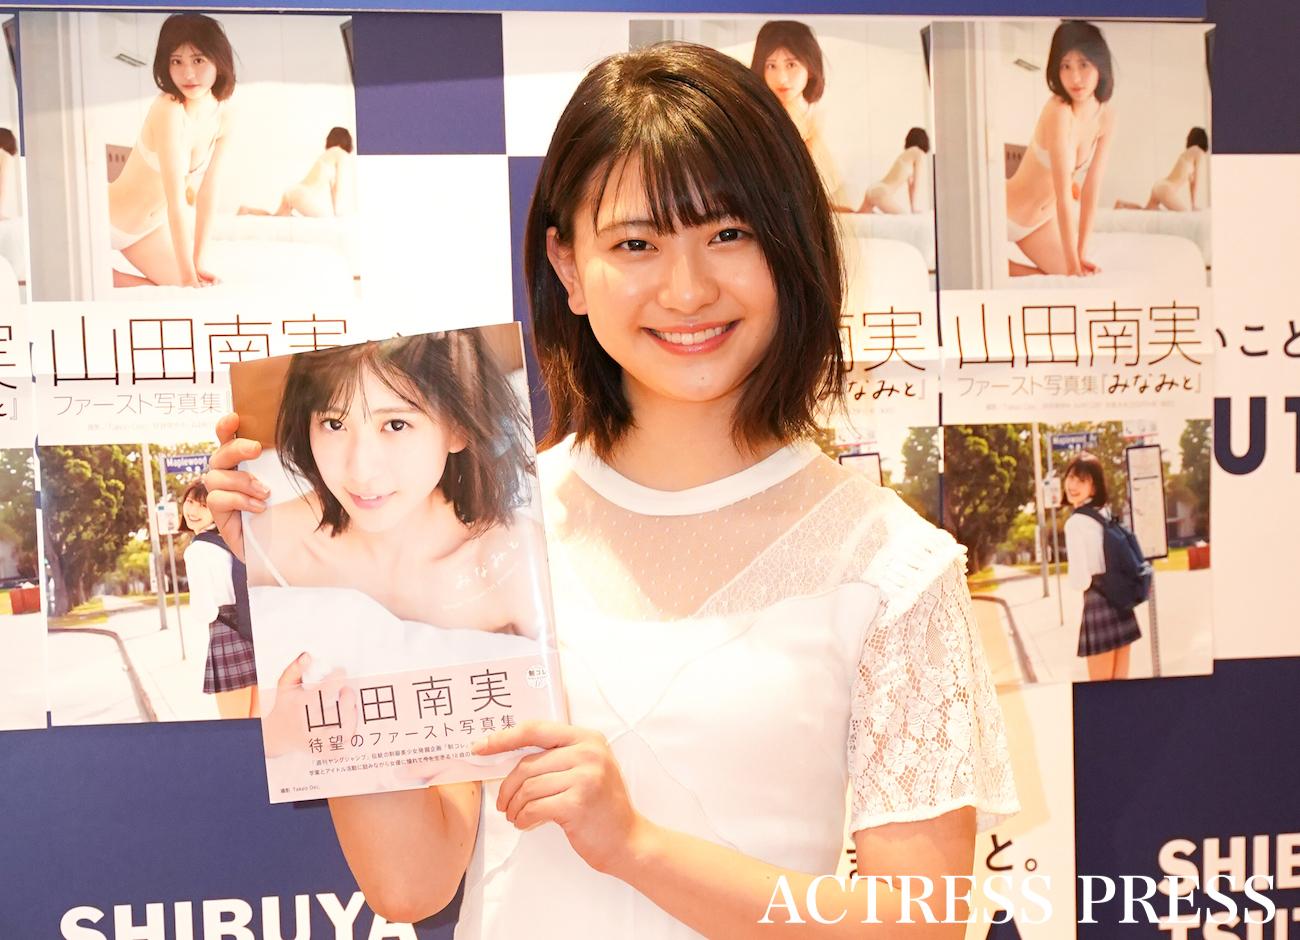 山田南実/2019年12月15日、SHIBUYA TSUTAYAにて/撮影:ACTRESS PRESS編集部